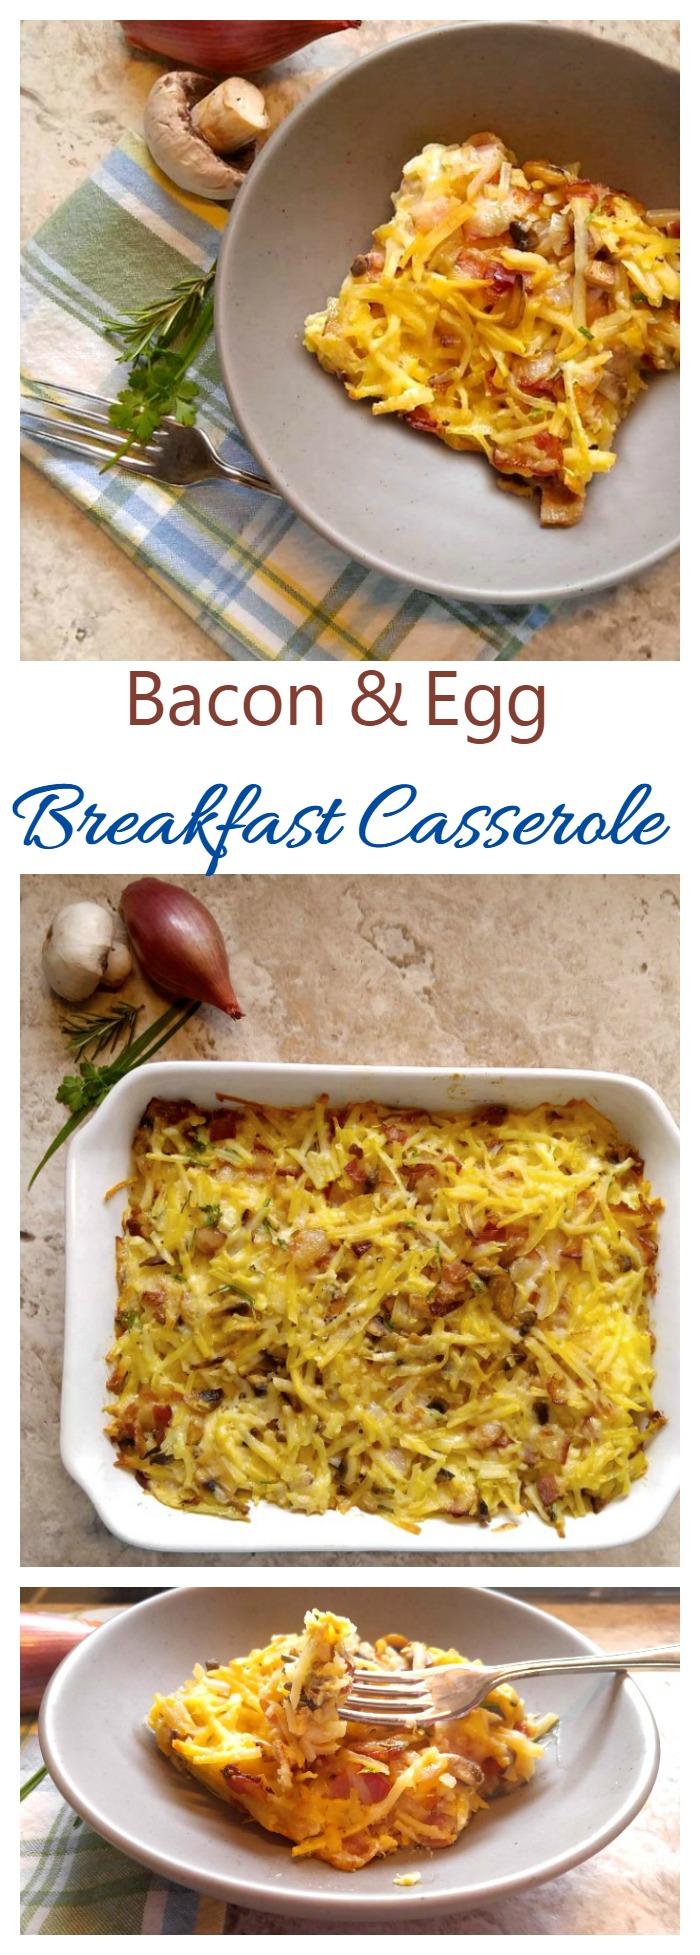 Breakfast Casserole - Bacon Egg & Veggies